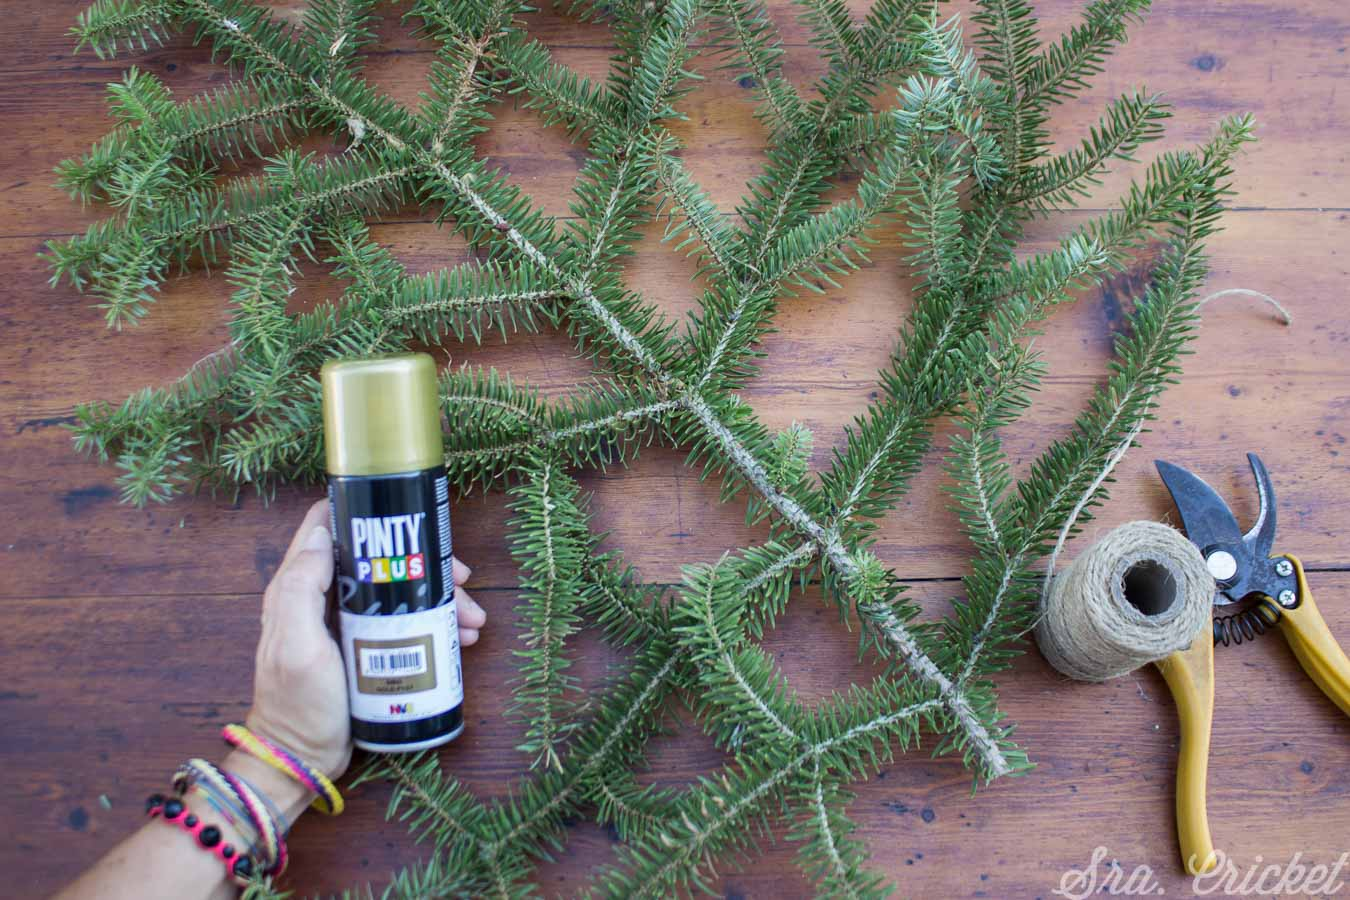 Créer un arbre de Noel avec Pintyplus